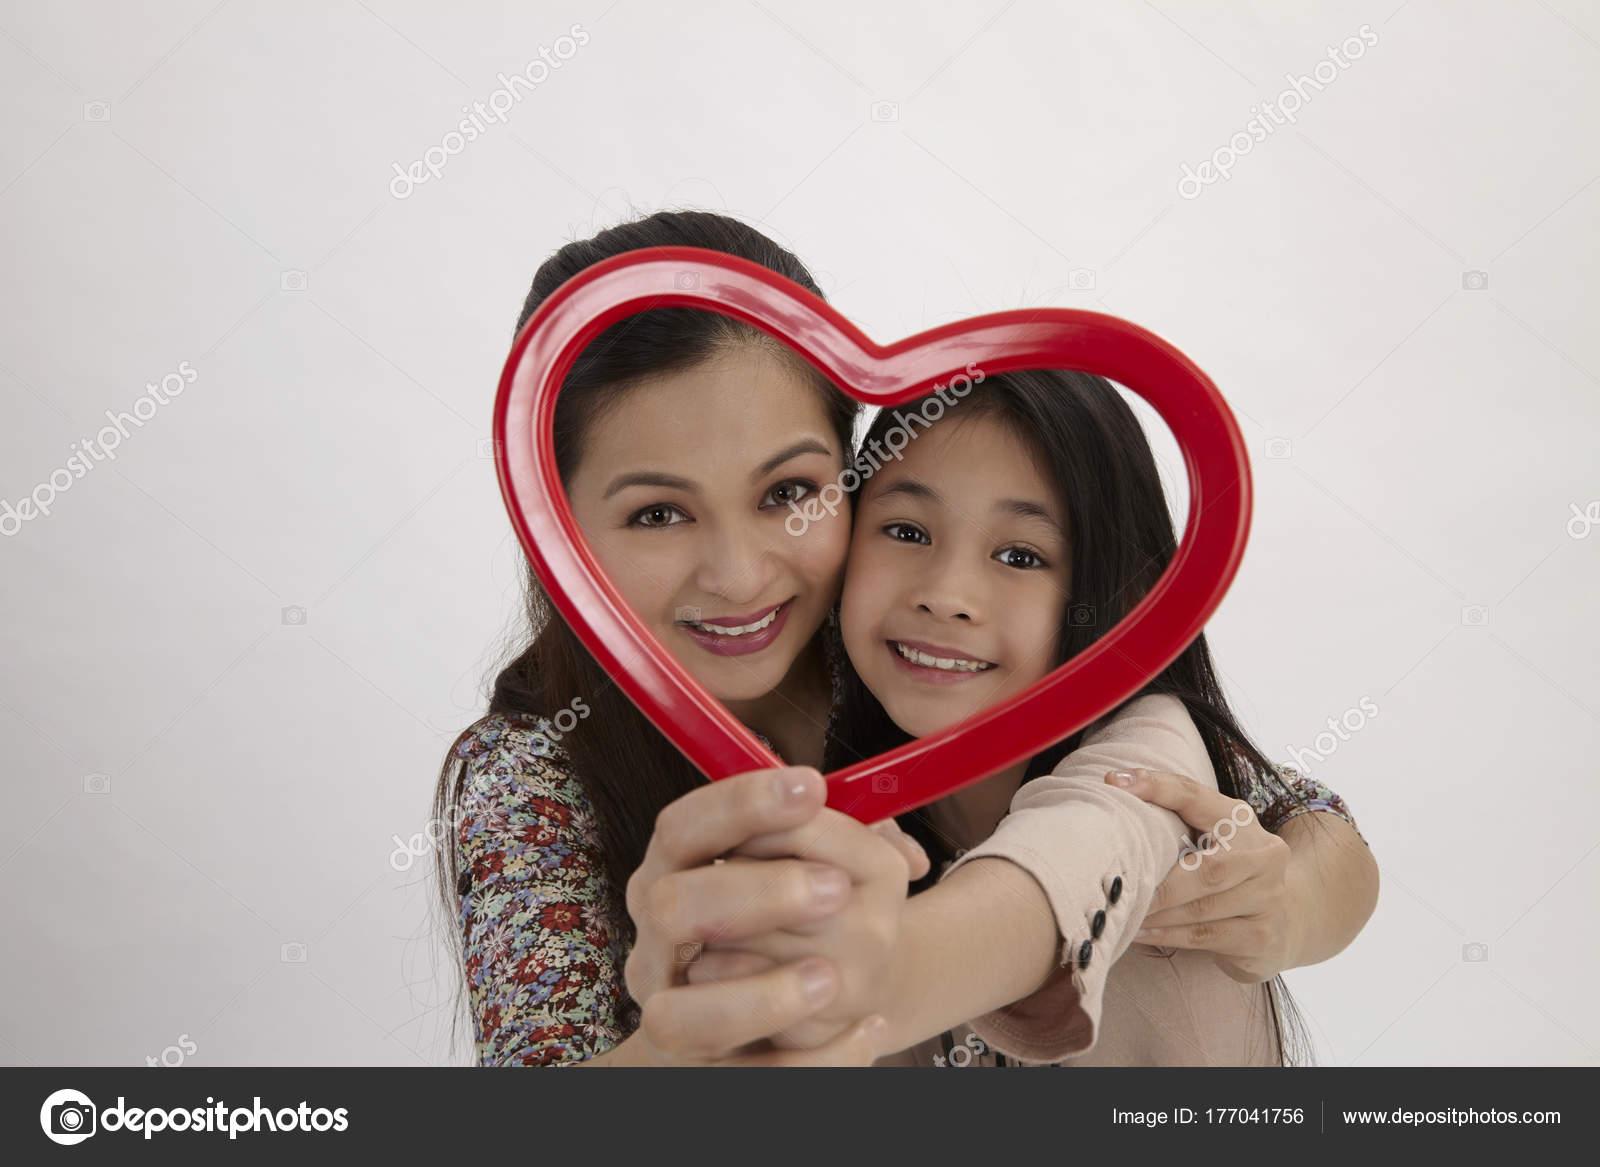 Malaiische Mutter Und Tochter Hält Einen Rotes Herz Form ...